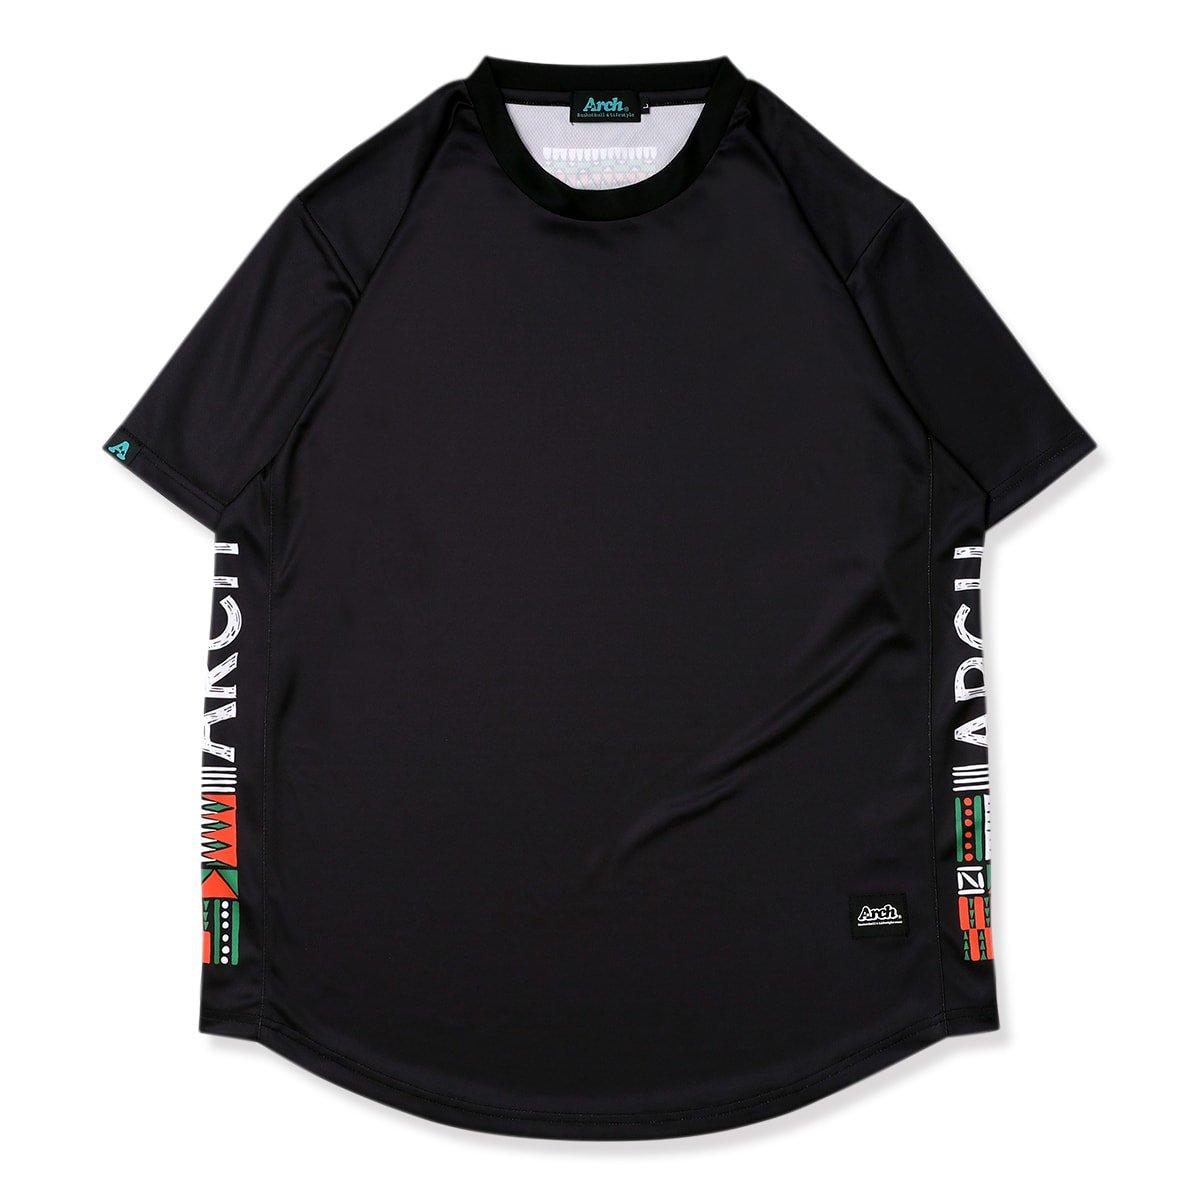 バスケ アーチ トライバルペイント Tシャツ ブラック/オレンジ